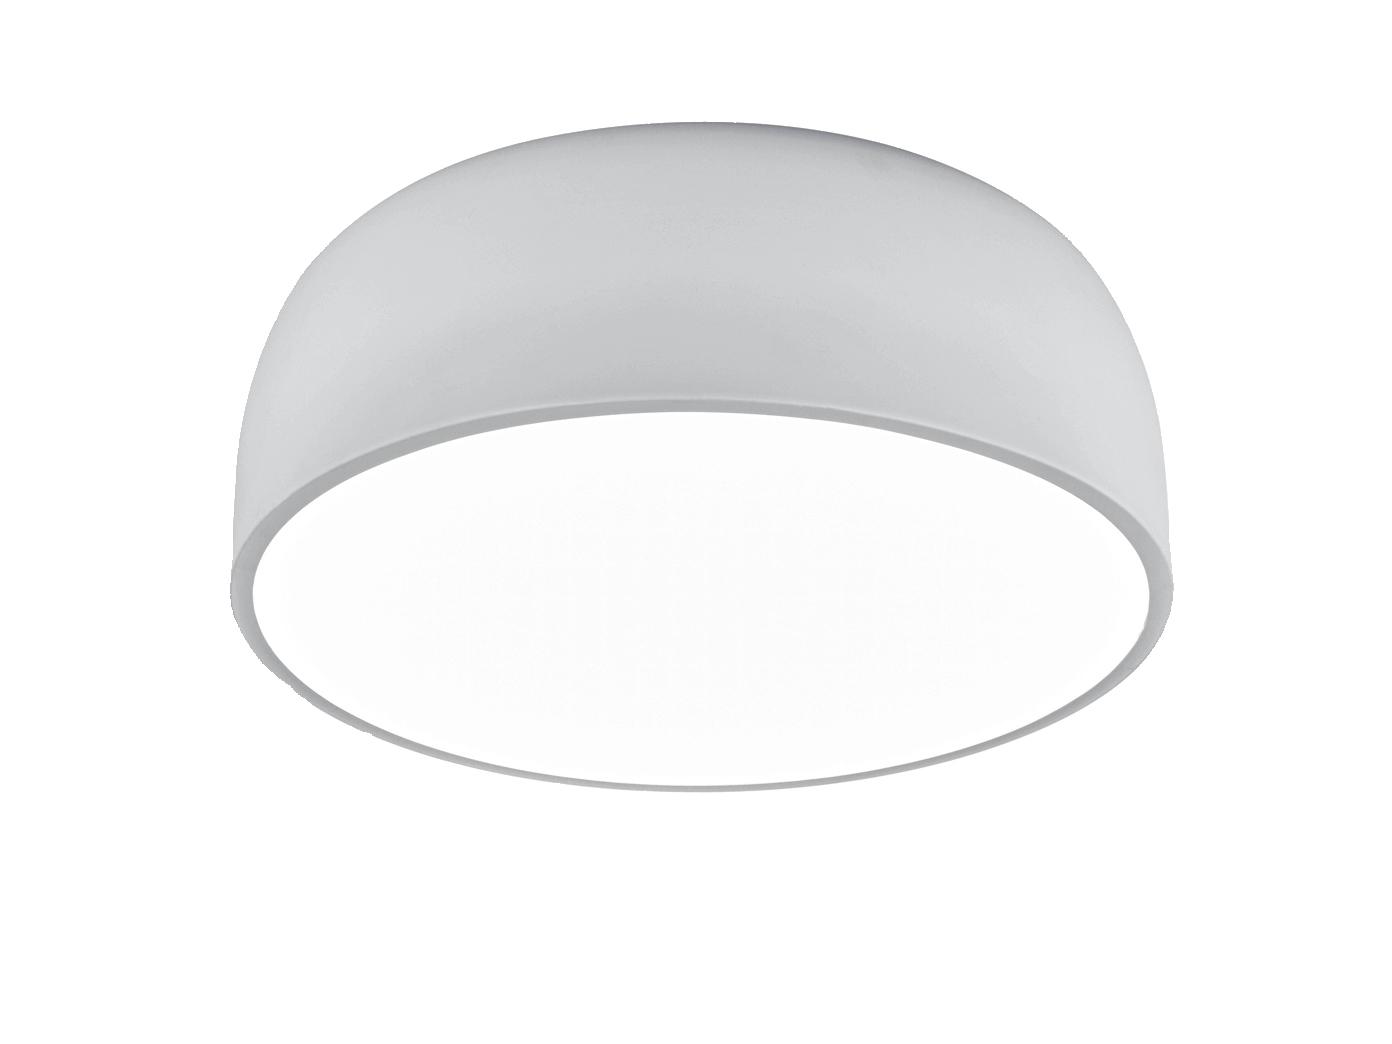 Zeitlose BARON Pendelleuchte für Innen aus matt weißem Metall Durchmesser 52 cm